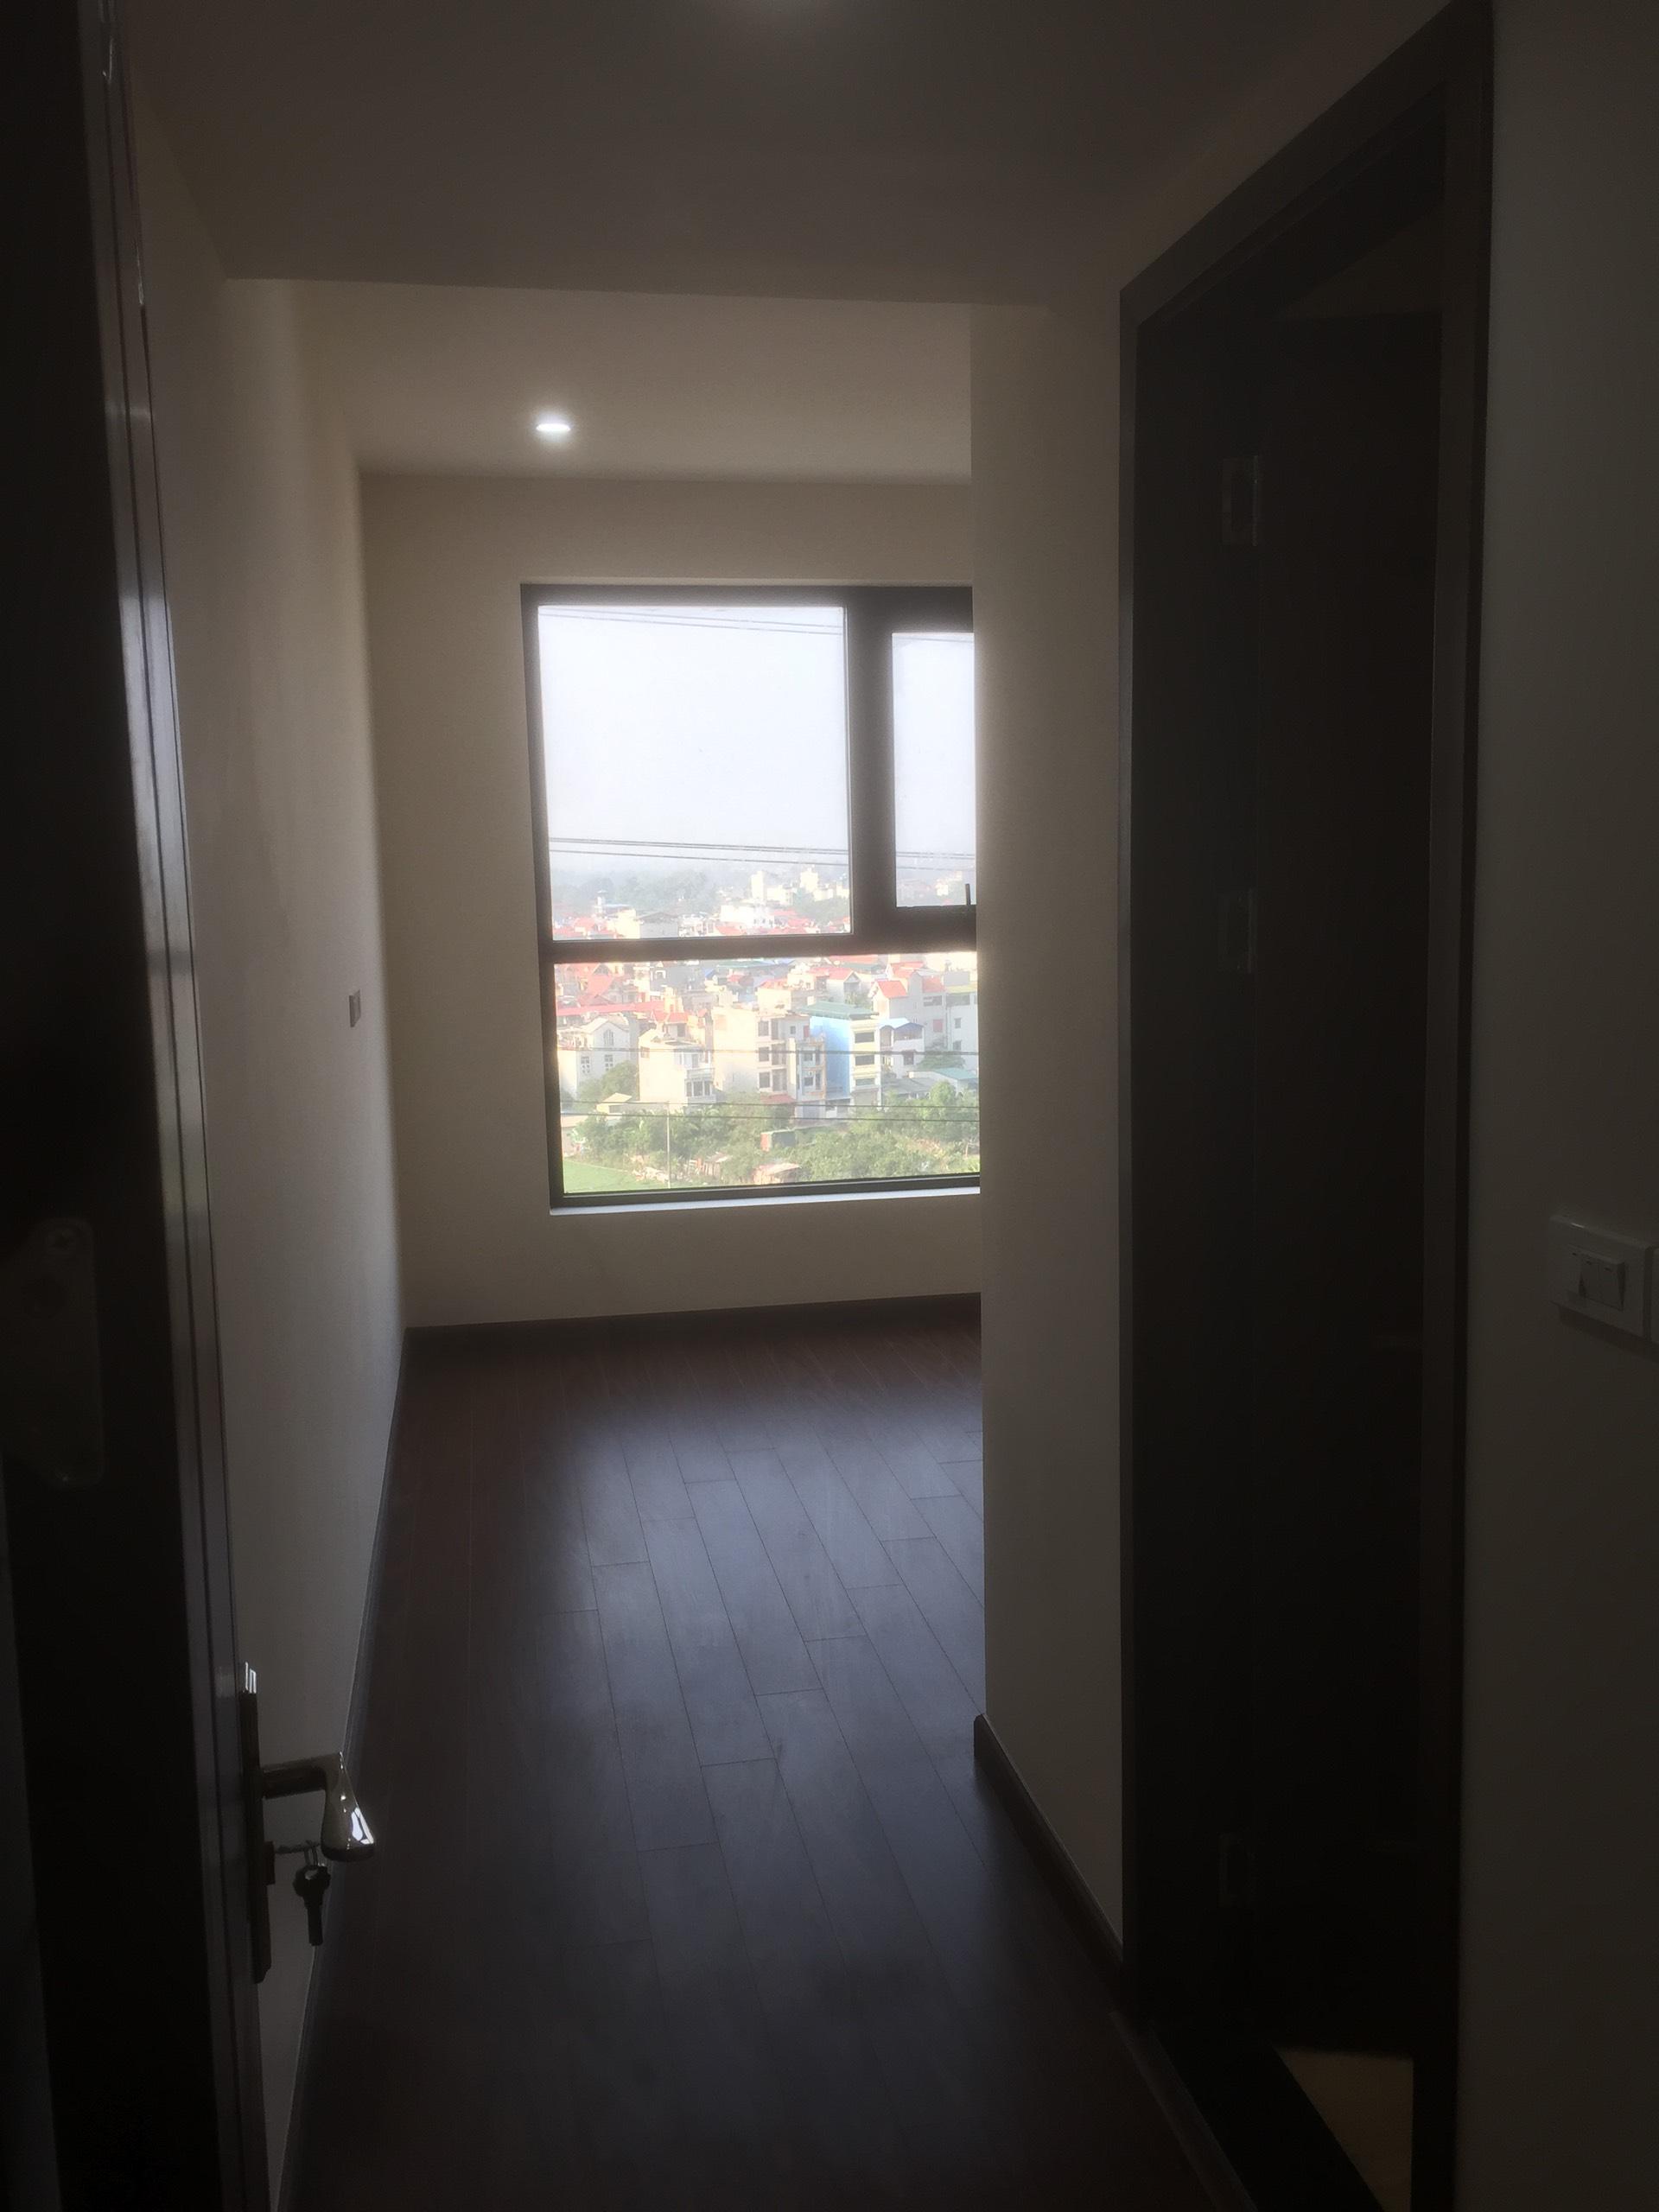 Bán căn hộ chung cư Việt Đức Complex 3PN - 137.96m2 - Hướng mát